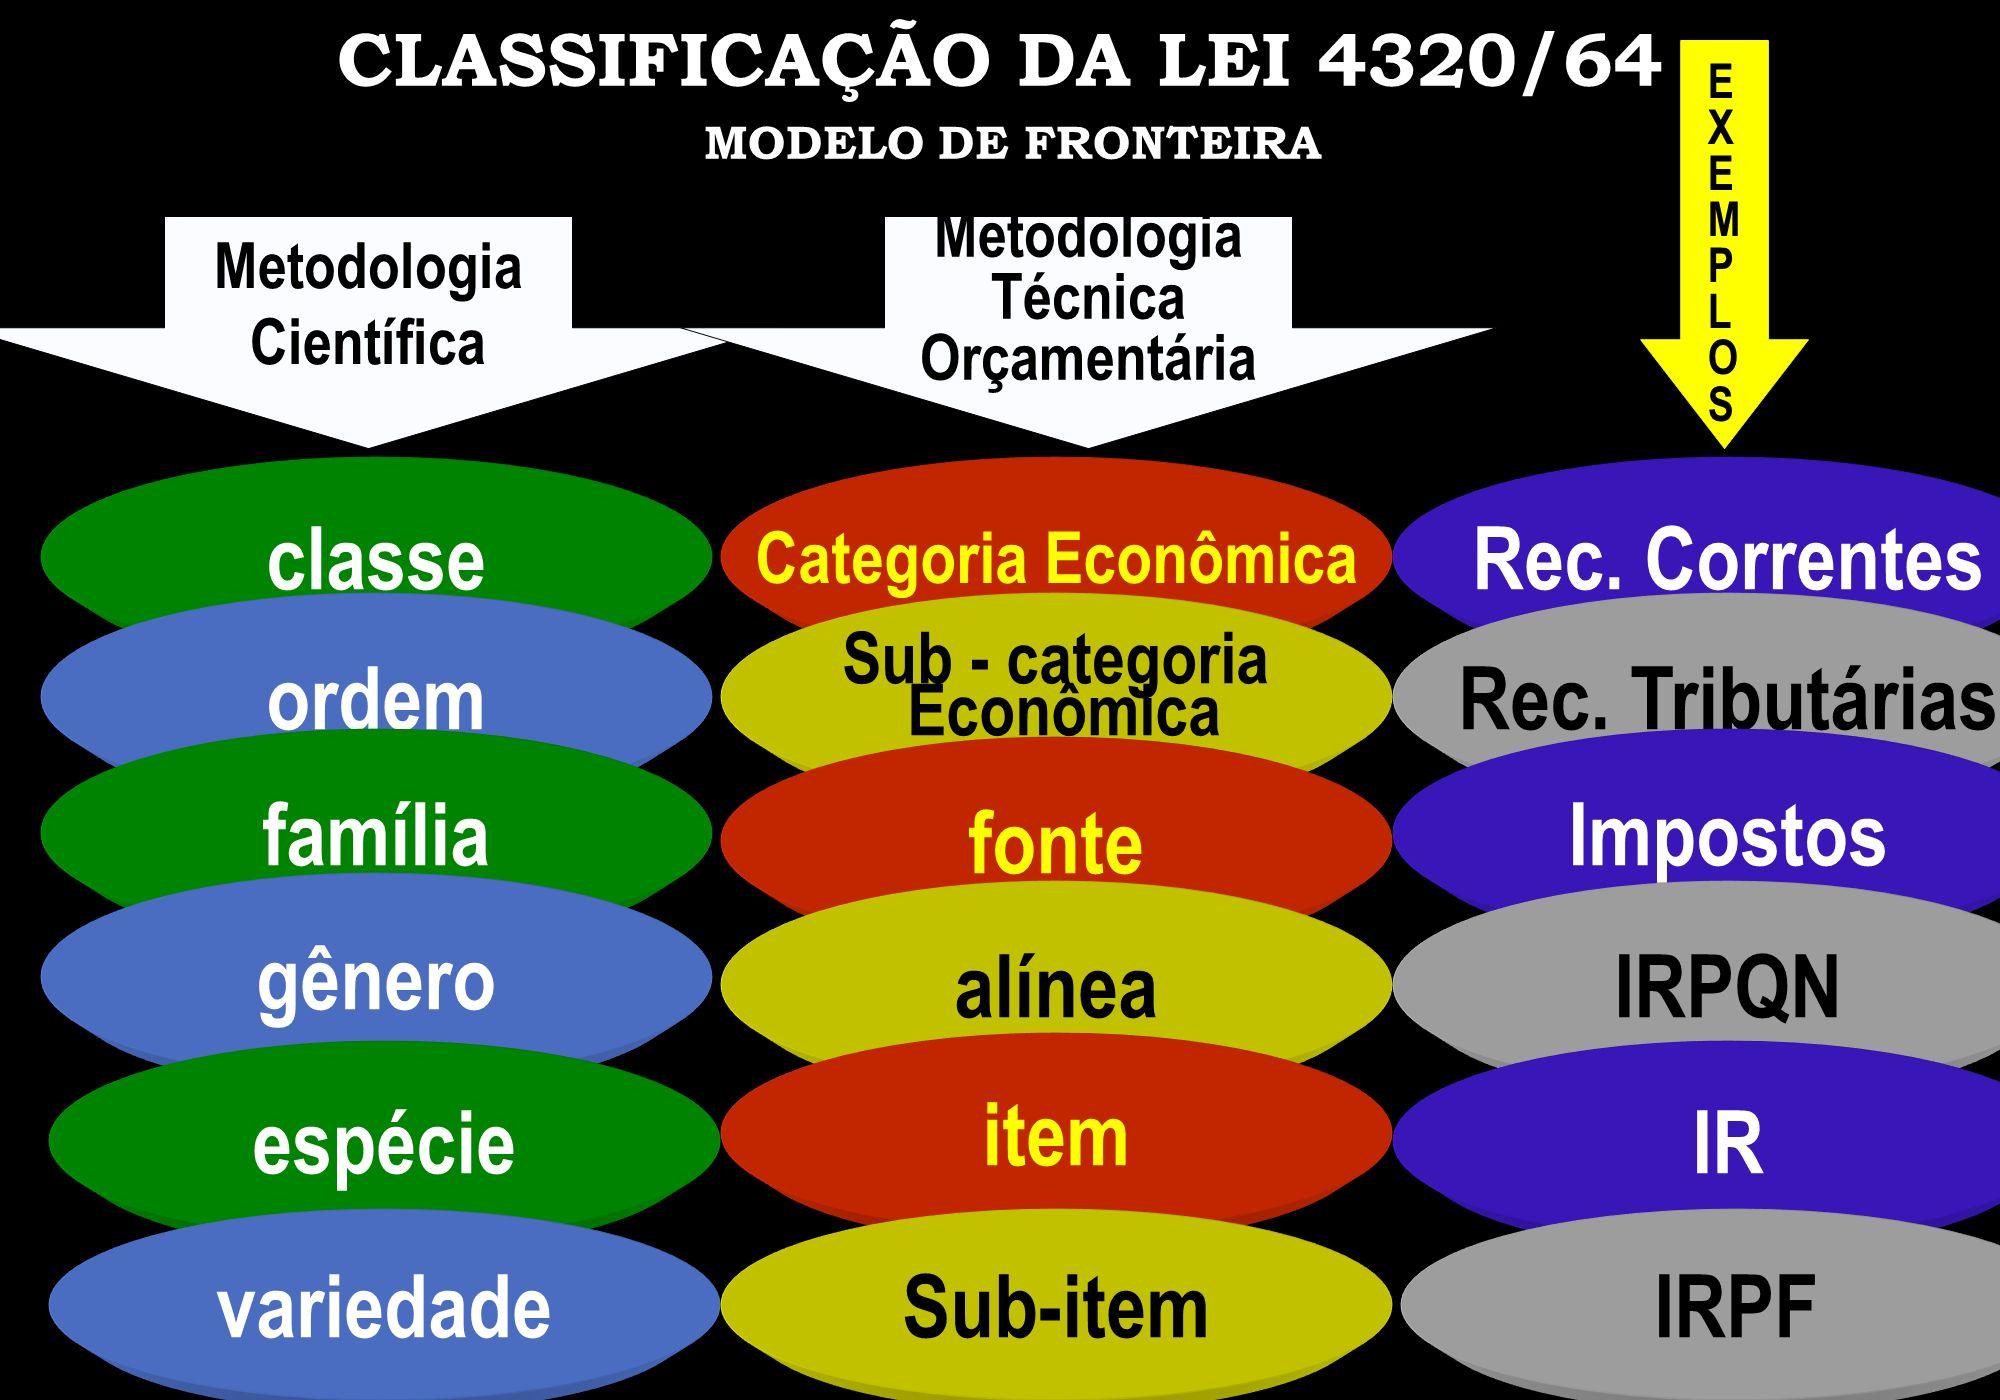 CLASSIFICAÇÃO DA LEI 4320/64 MODELO DE FRONTEIRA